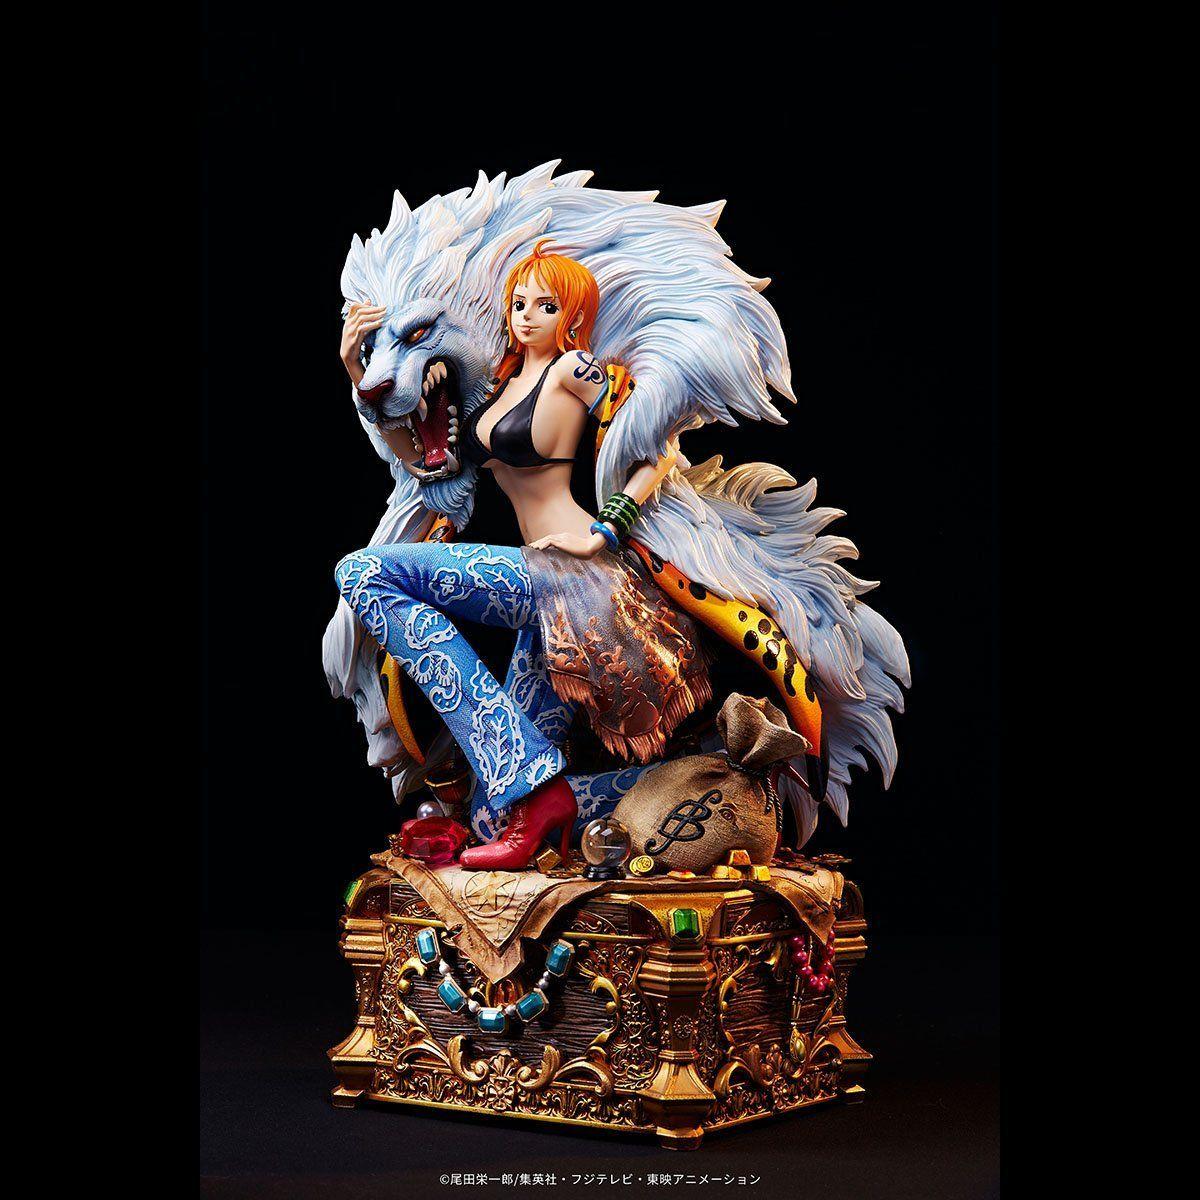 【限定販売】ワンピース ログコレクション 大型スタチューシリーズ『ナミ』完成品フィギュア-003